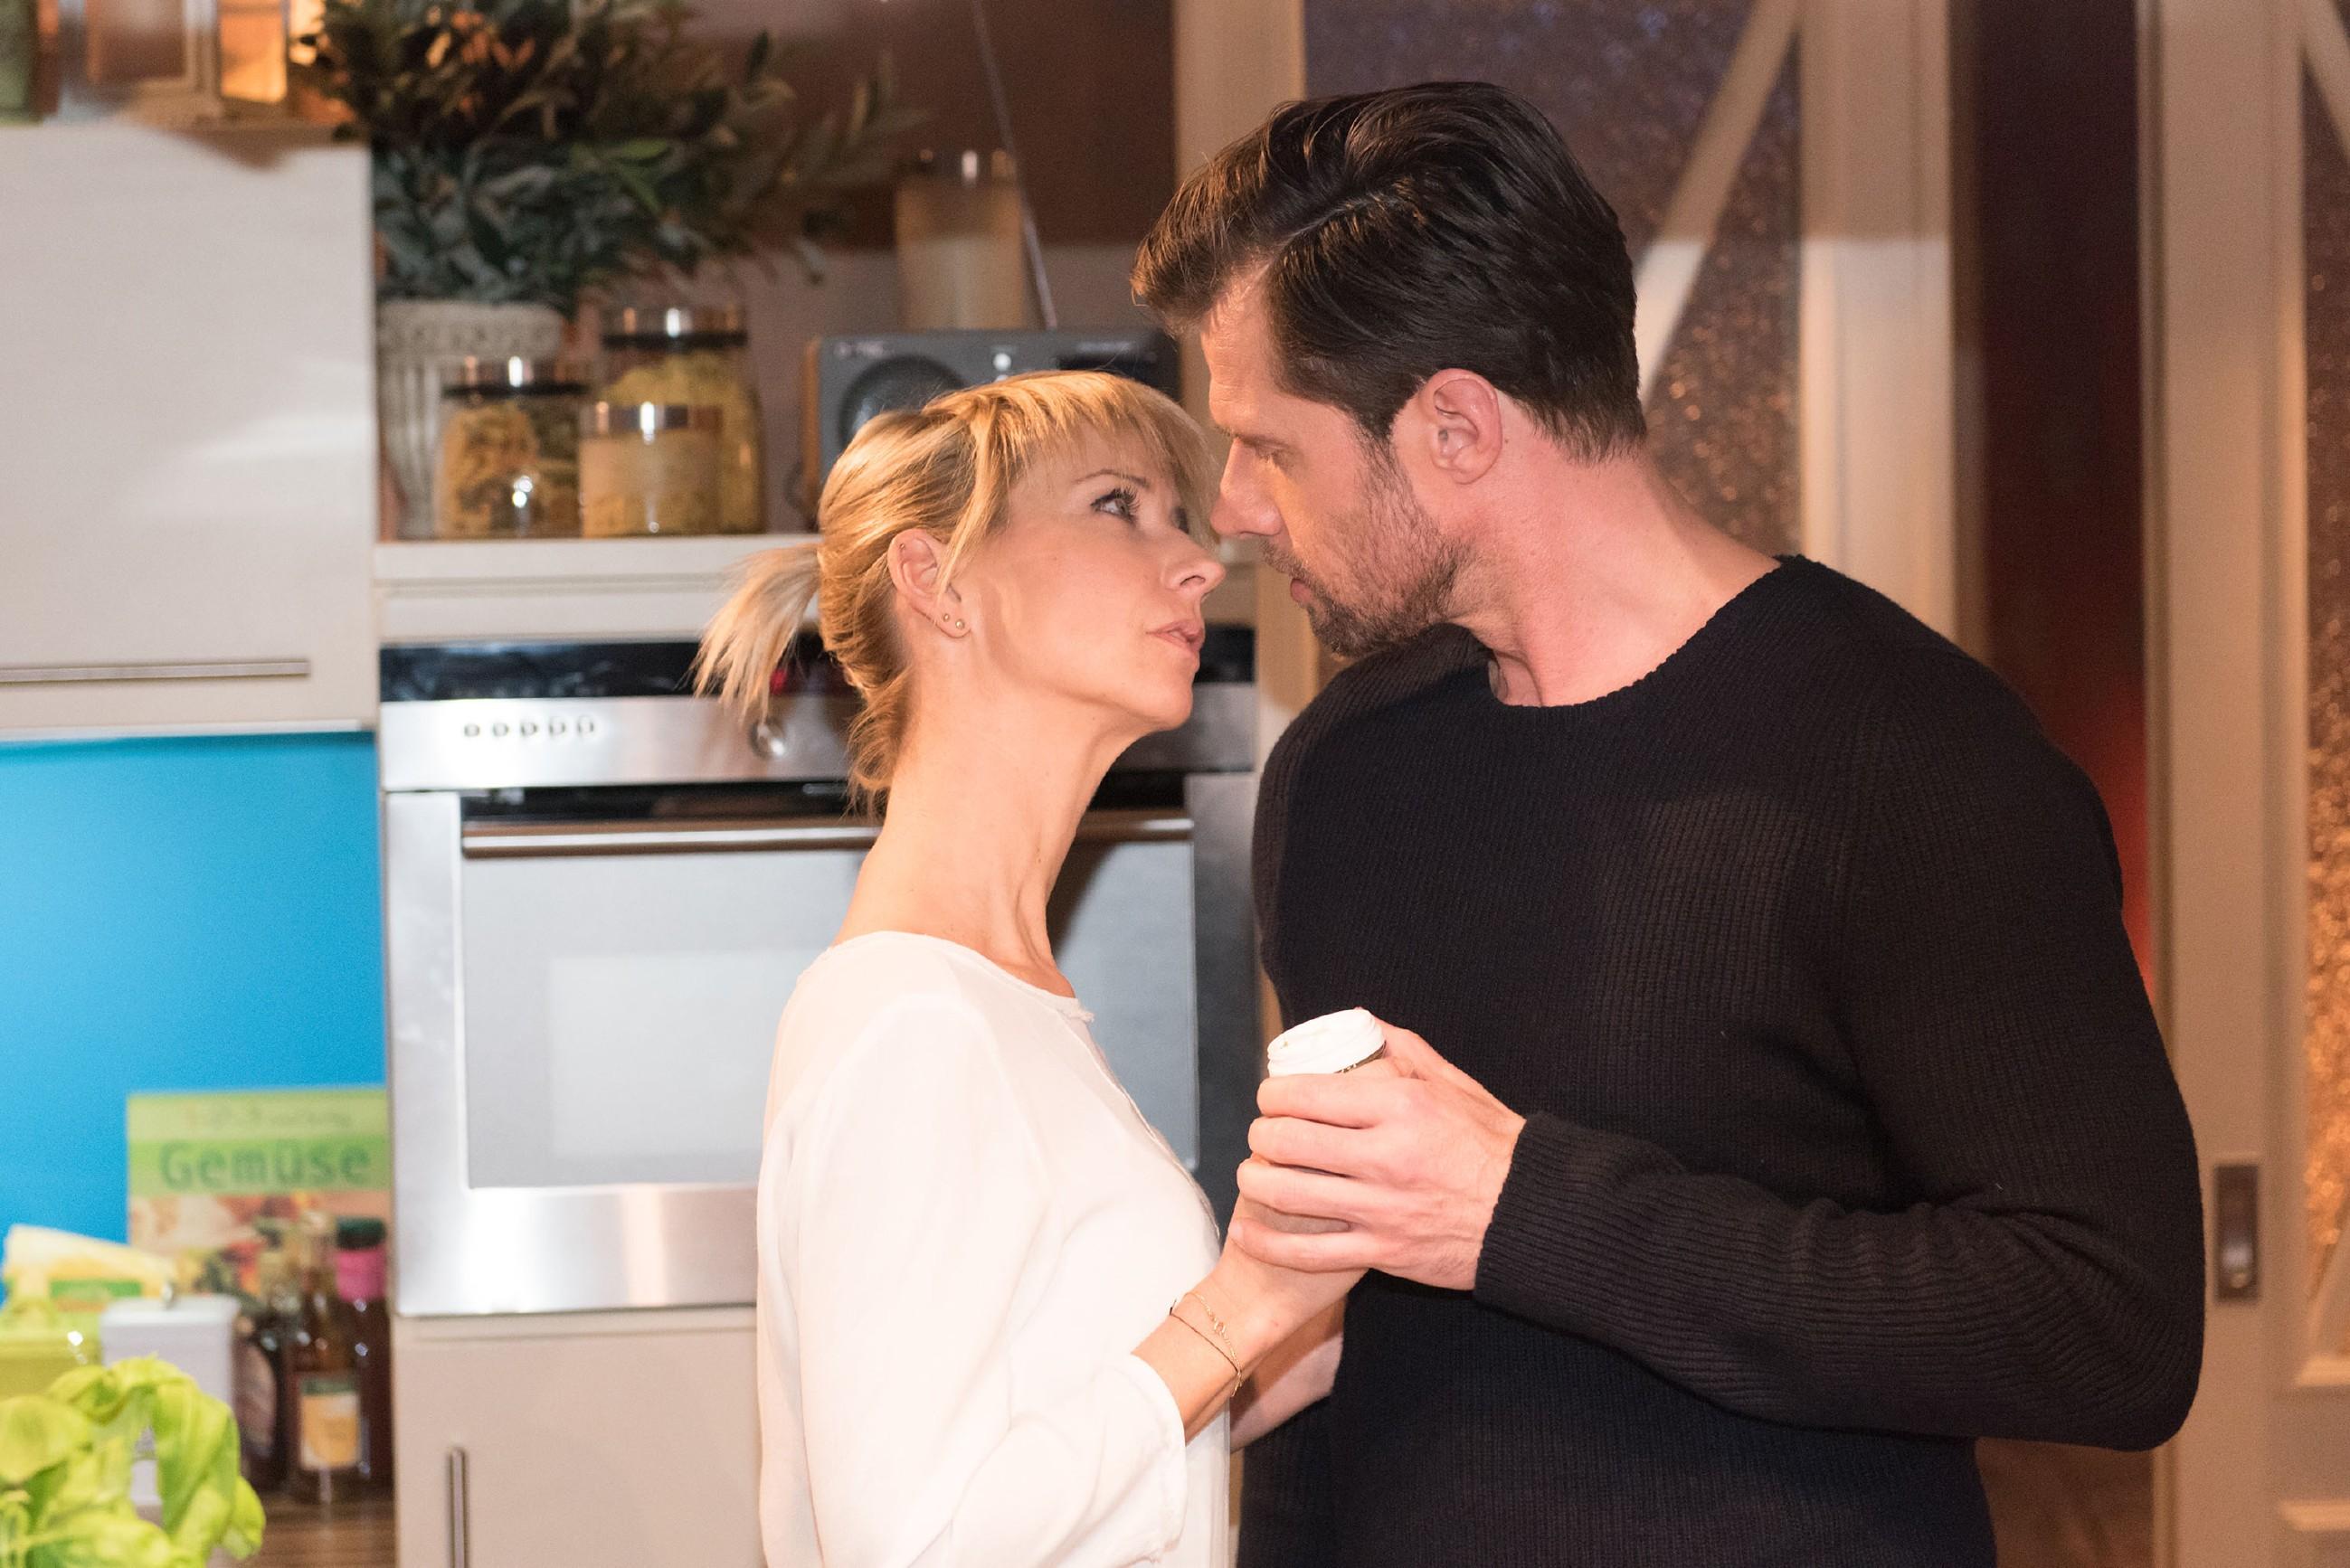 In entspannter und vertrauter Stimmung kommt es zu einem zaghaften Kuss zwischen Ute (Isabell Hertel) und Henning (Benjamin Kiss)... (Quelle: RTL / Stefan Behrens)